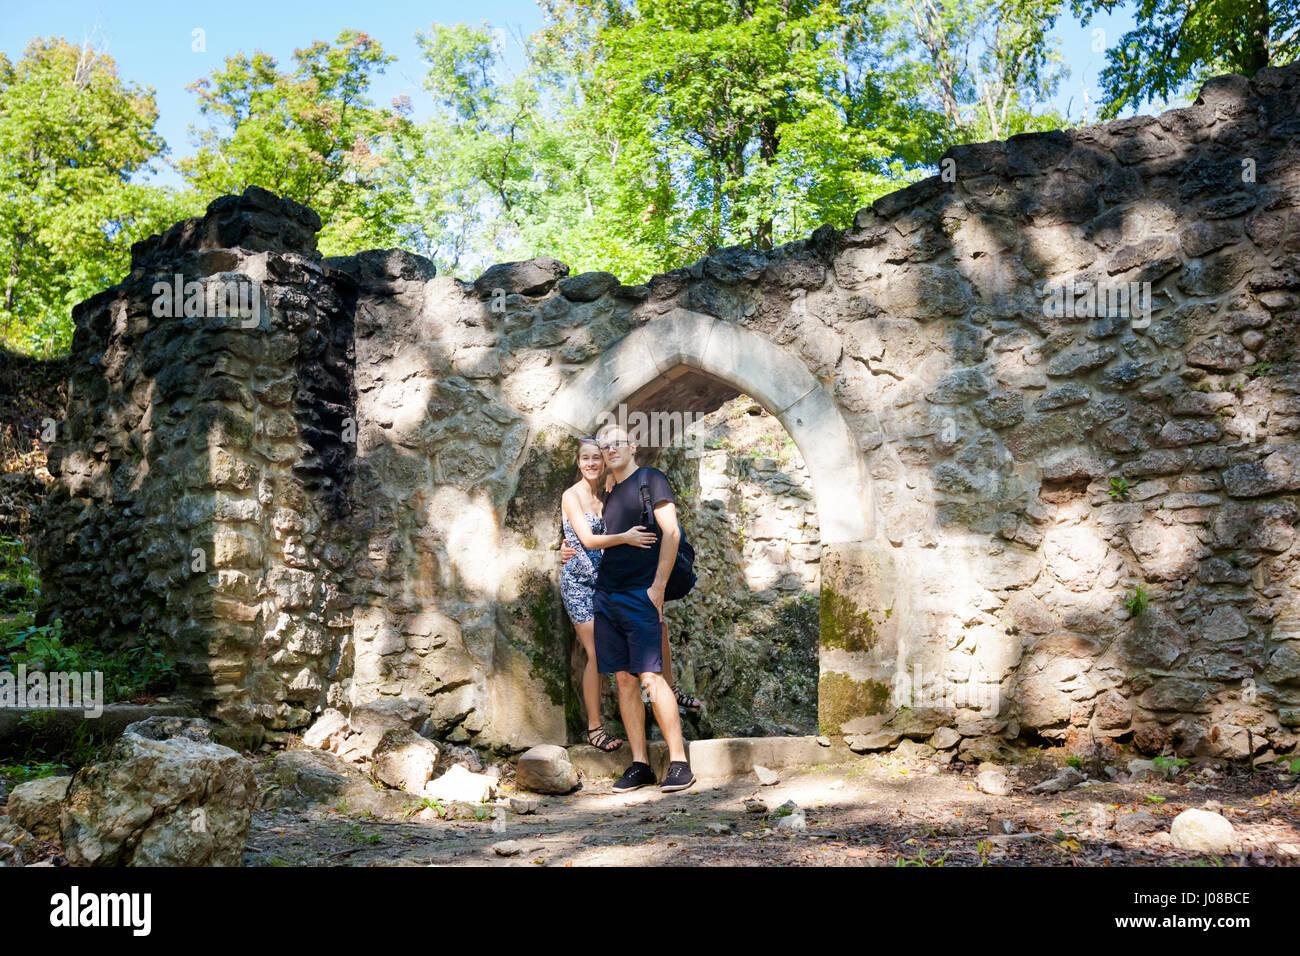 Czech series ruins bareback